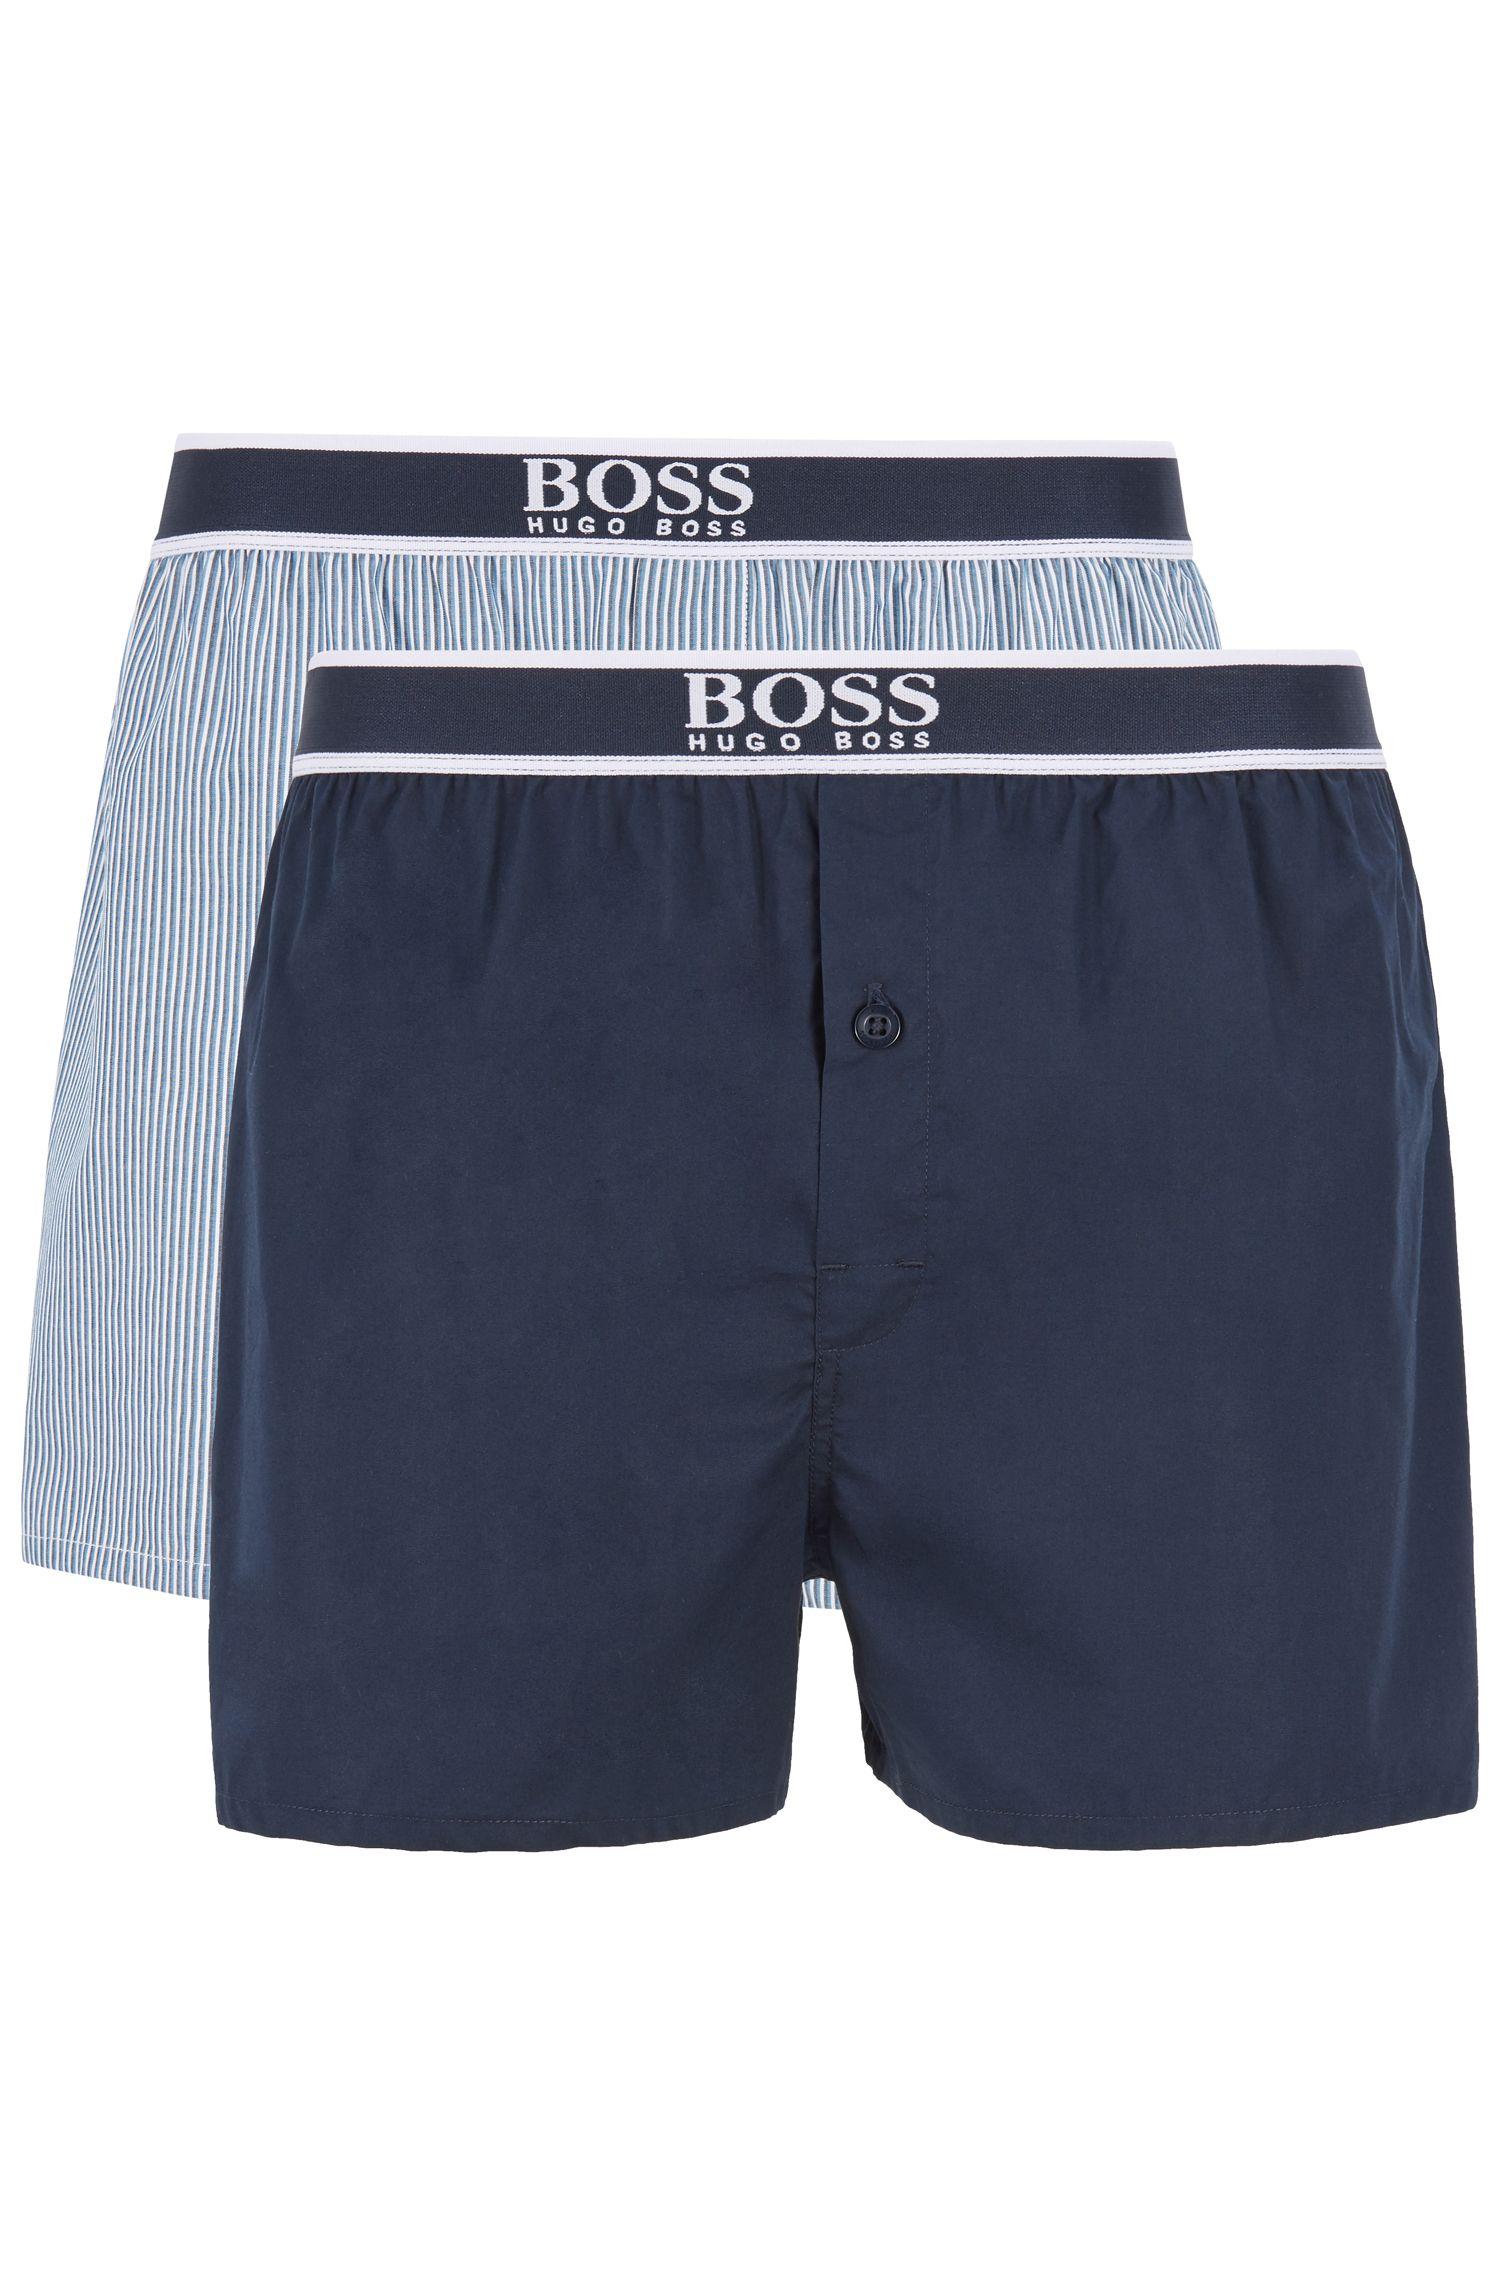 Pyjama-Shorts aus reiner Baumwolle im Zweier-Pack, Hellblau